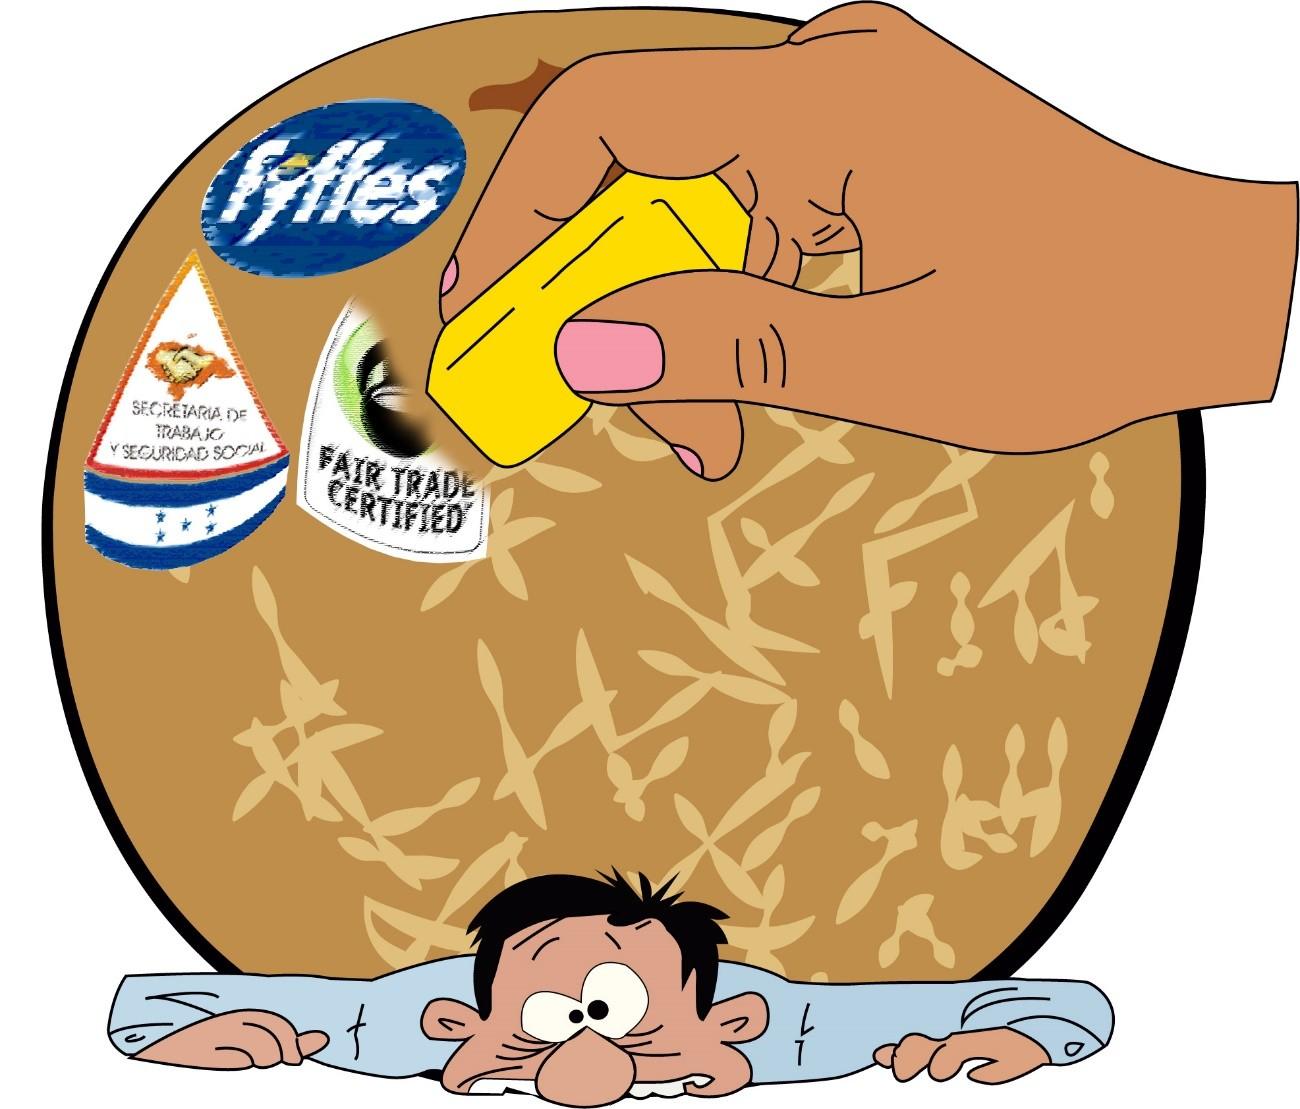 Fyffes/SURAGROH es de-certificada por Comercio Justo USA